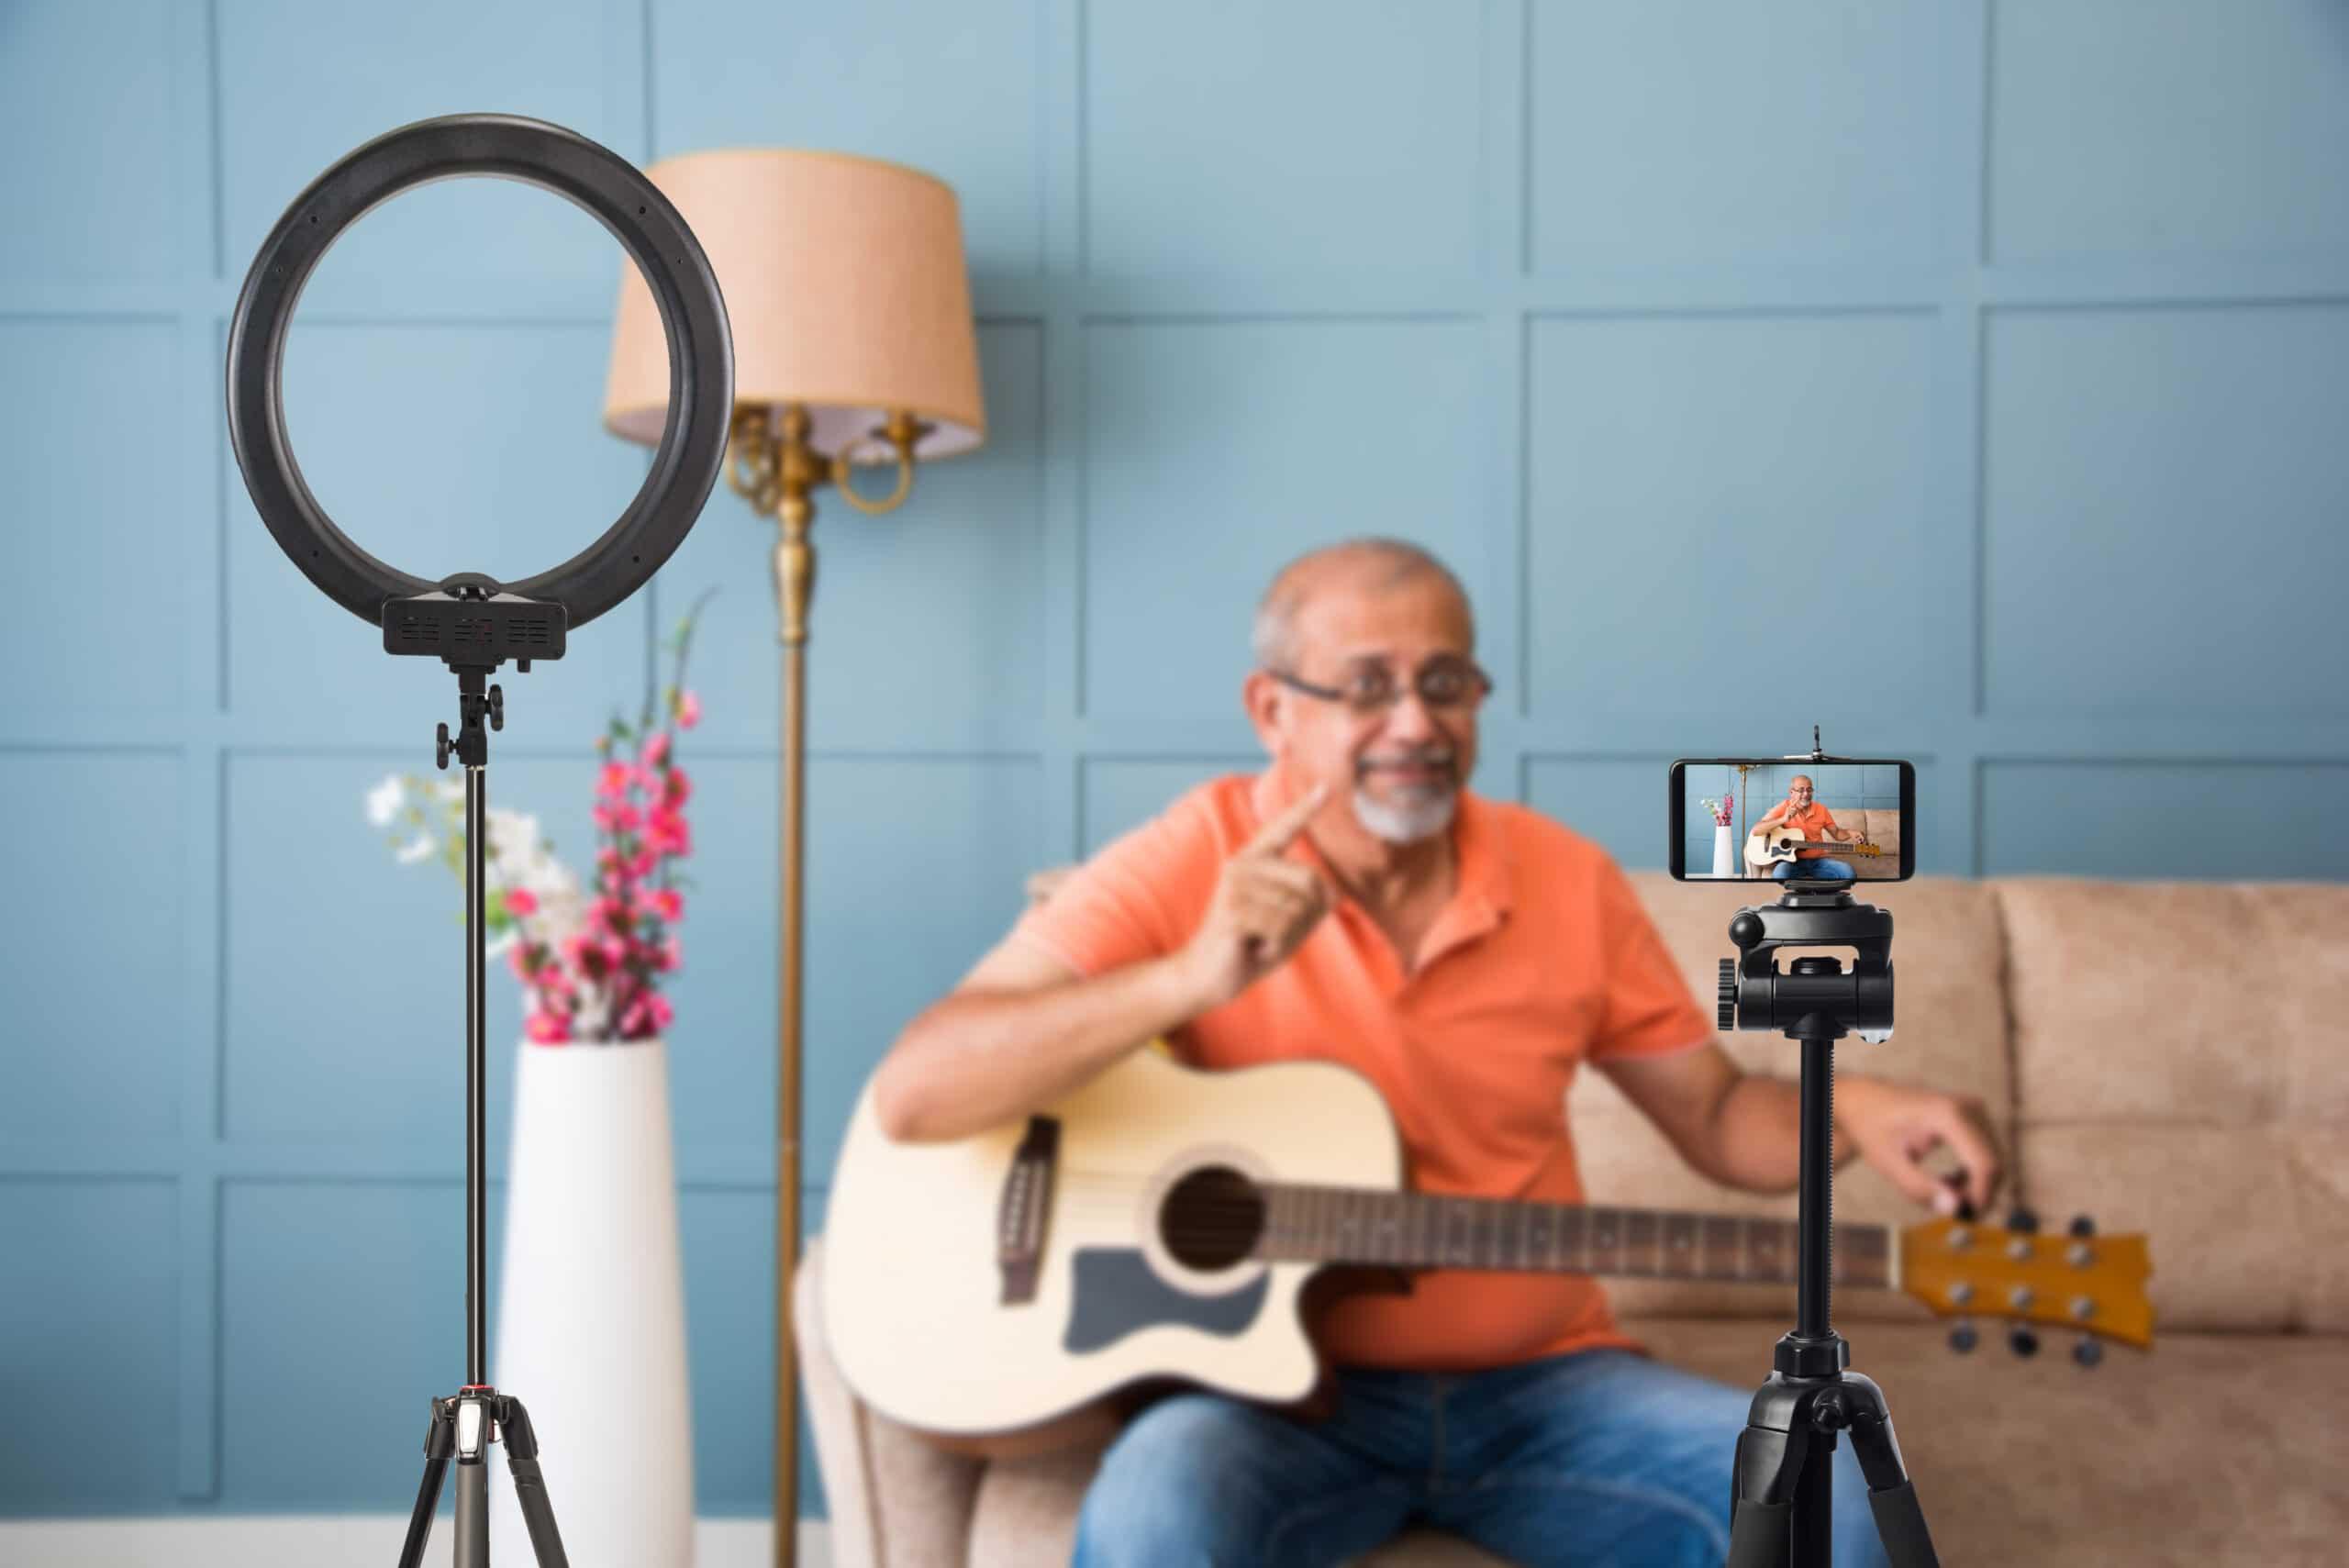 Yrityksen perustaminen eläkkeellä. Soiton opettaja nauhoittaa video-oppituntia.